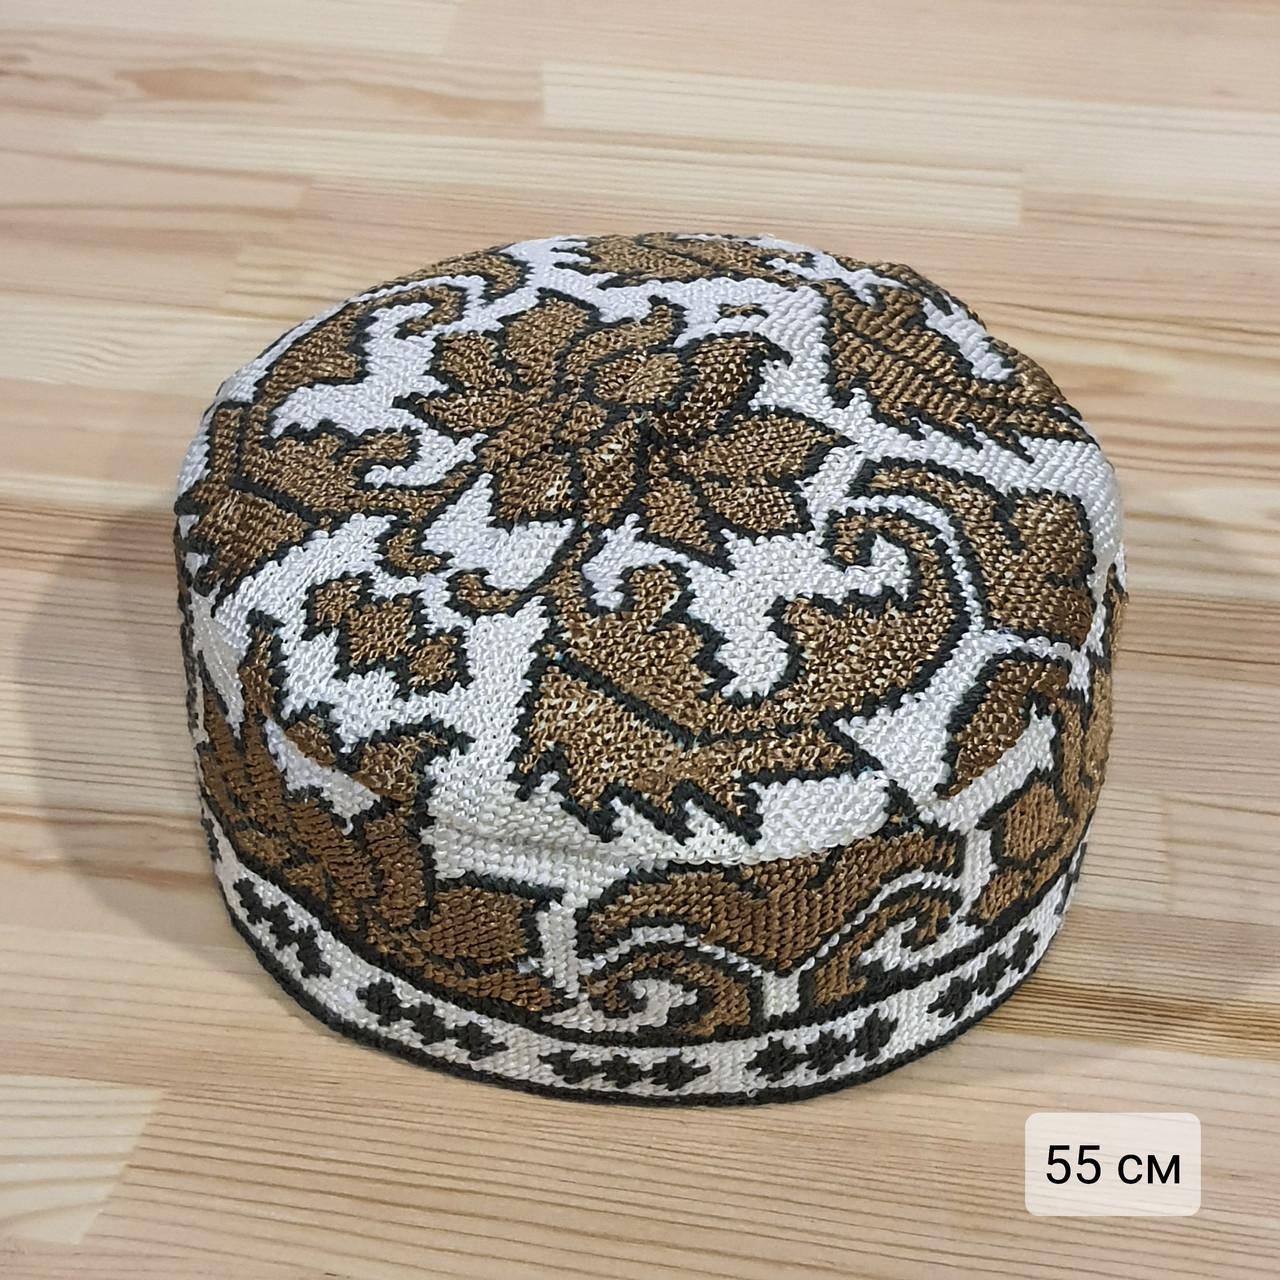 Узбекская тюбетейка 55 см. Ручная вышивка. Узбекистан (55_4)